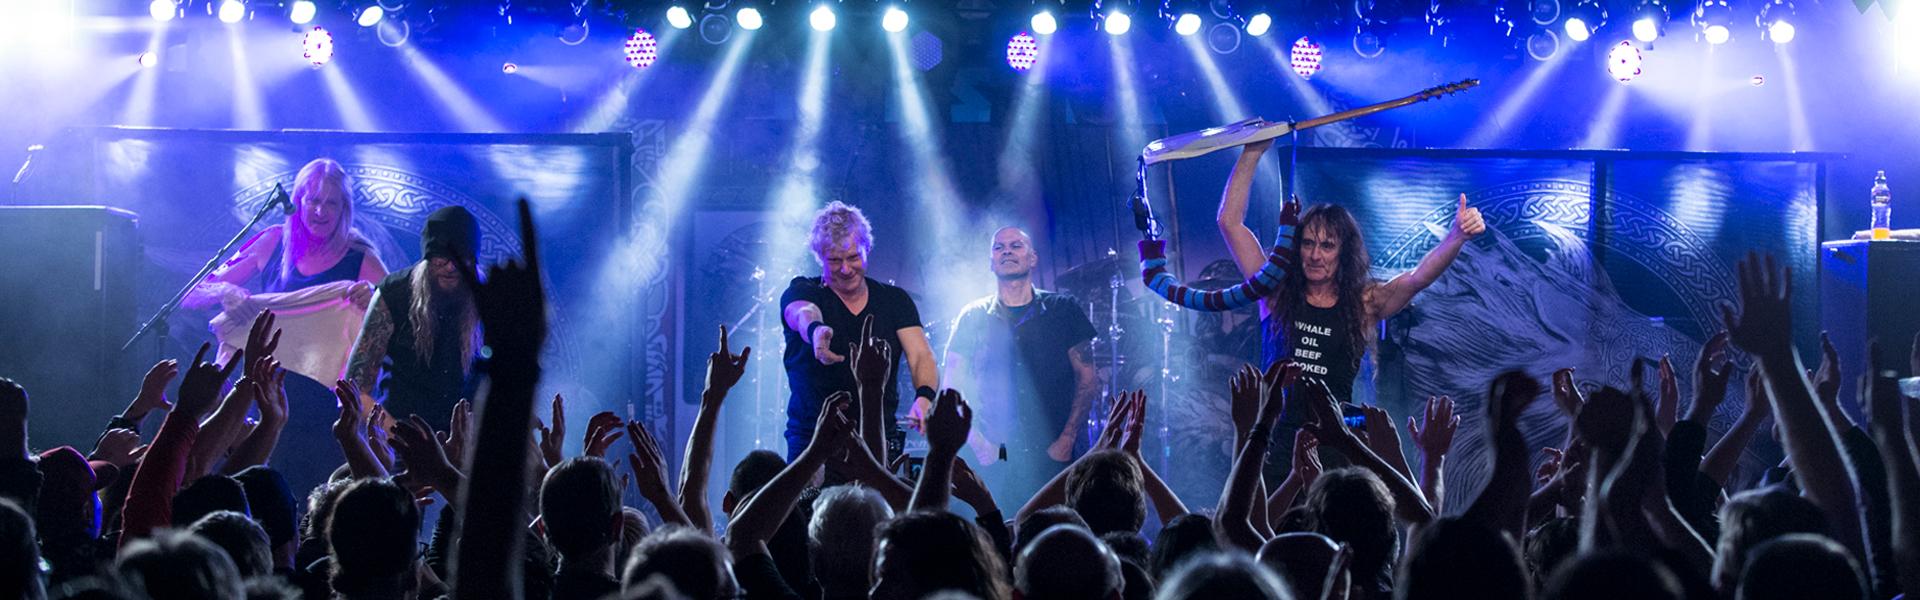 British Lion Announce UK Winter Tour